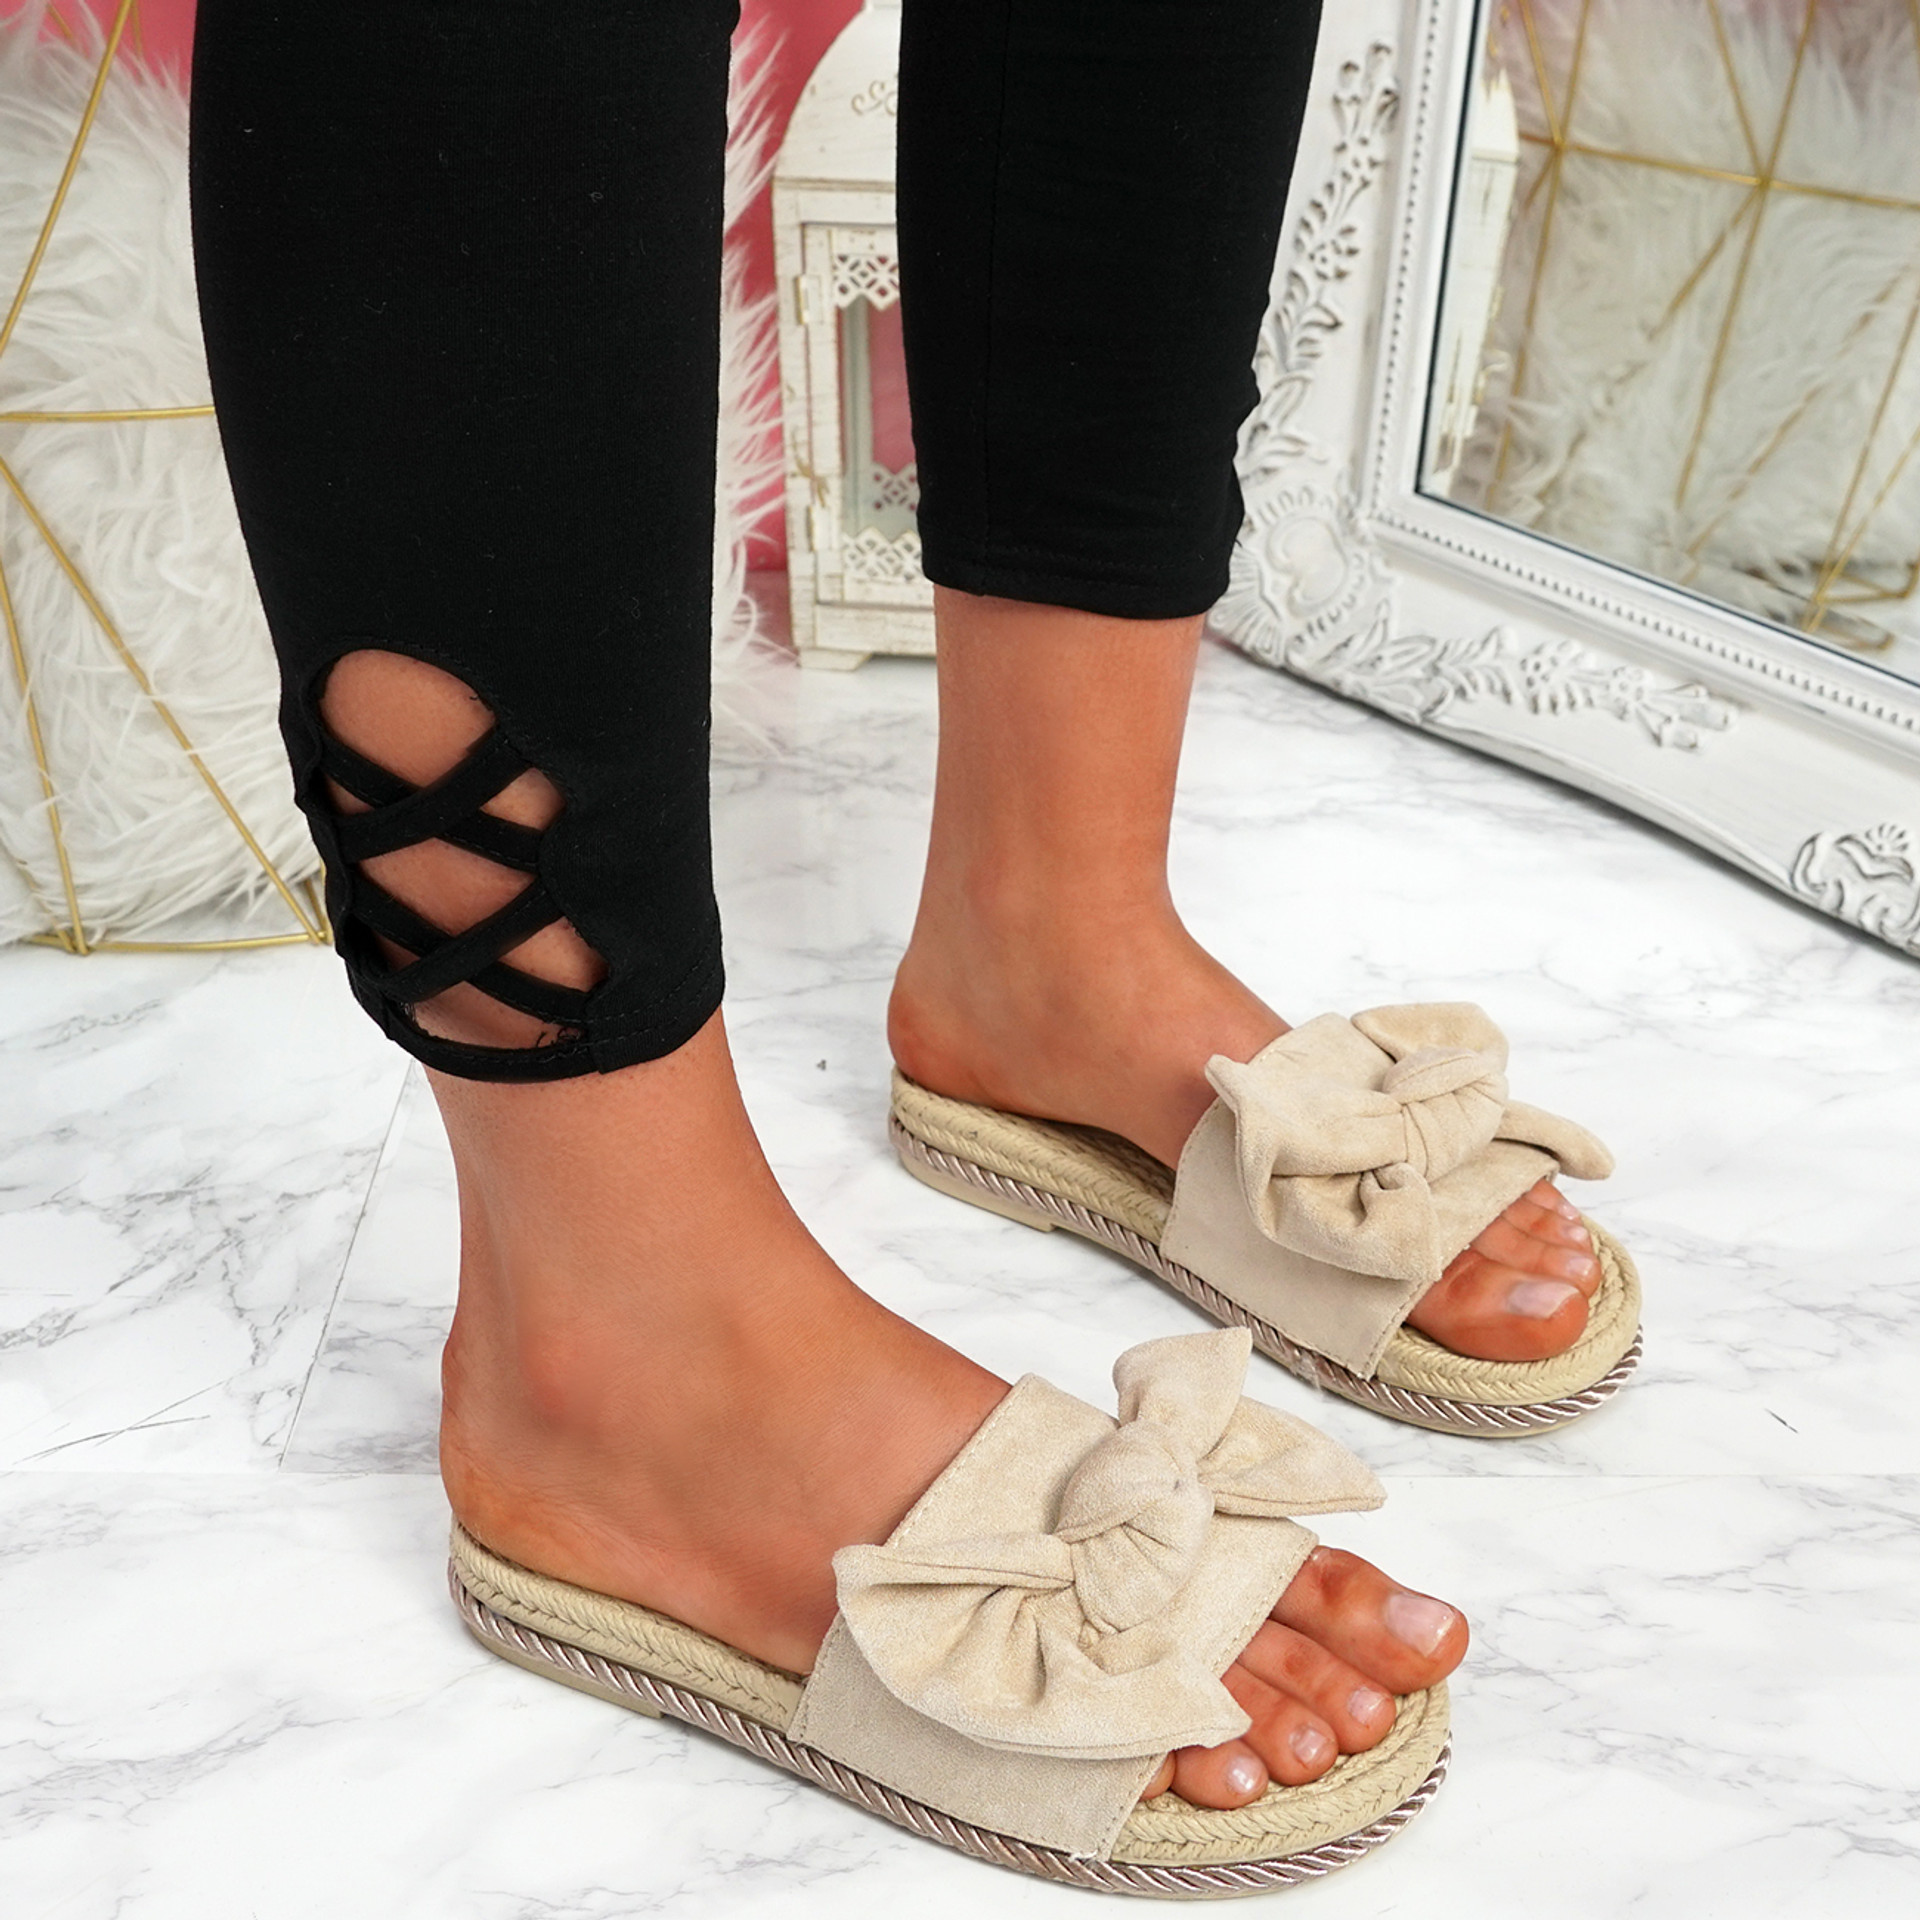 Laya Beige Bow Platform Sandals